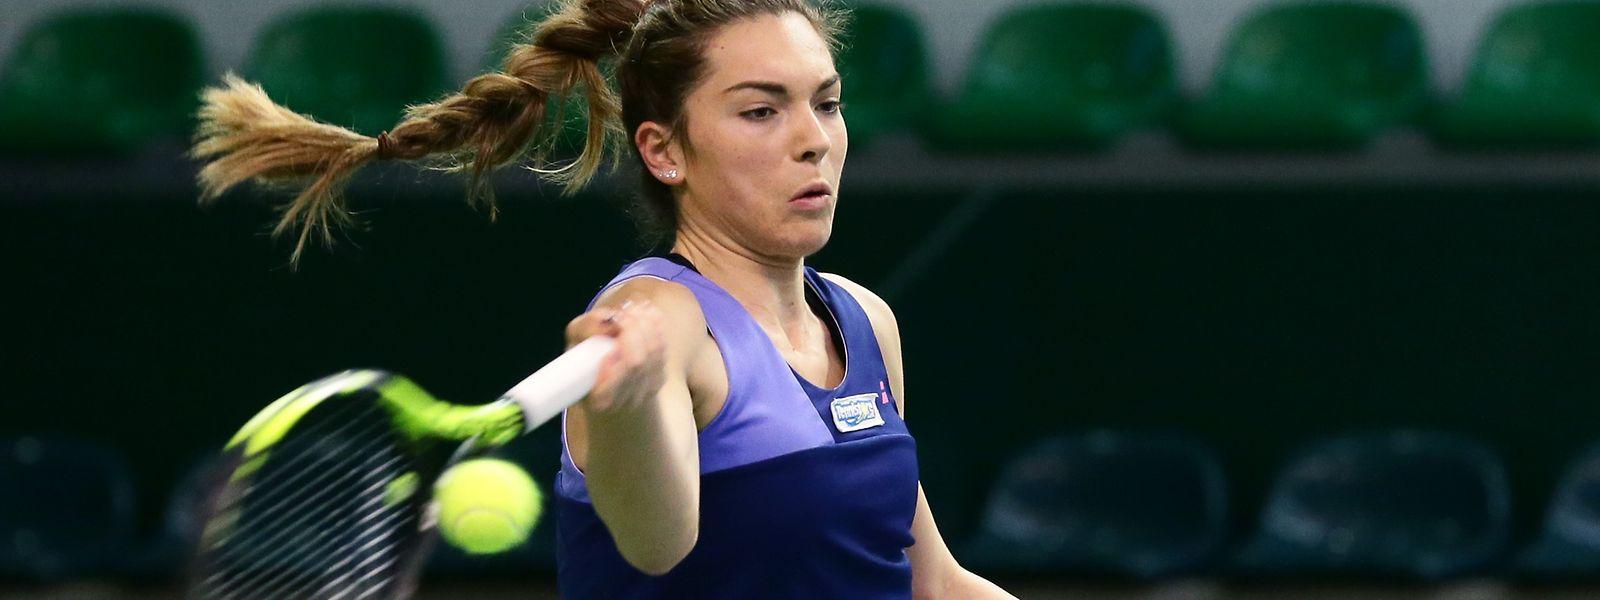 Eléonora Molinaro ist in Amiens weiterhin ohne Satzverlust.